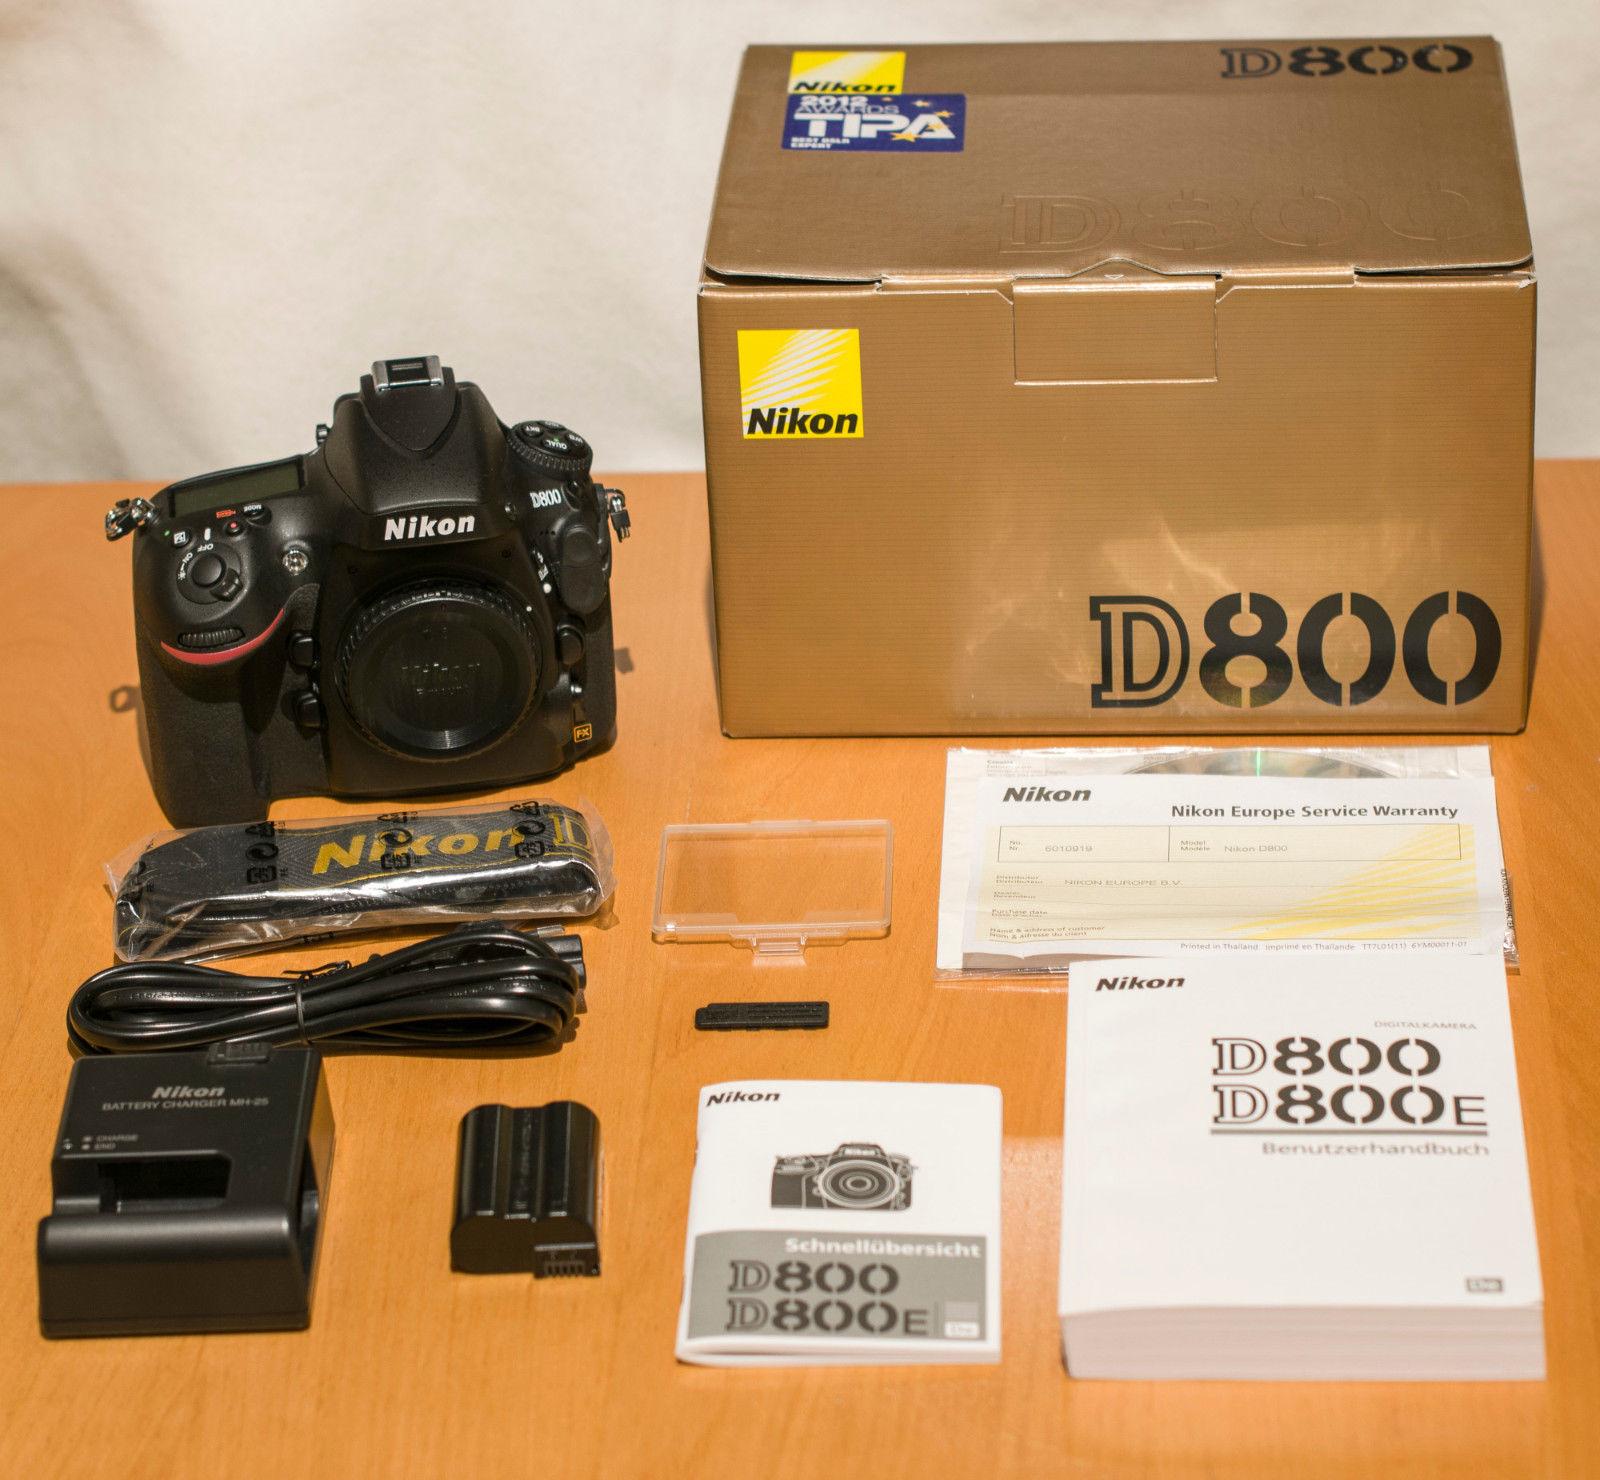 Nikon D D800 36.3 MP SLR-Digitalkamera - 40678 Auslösungen